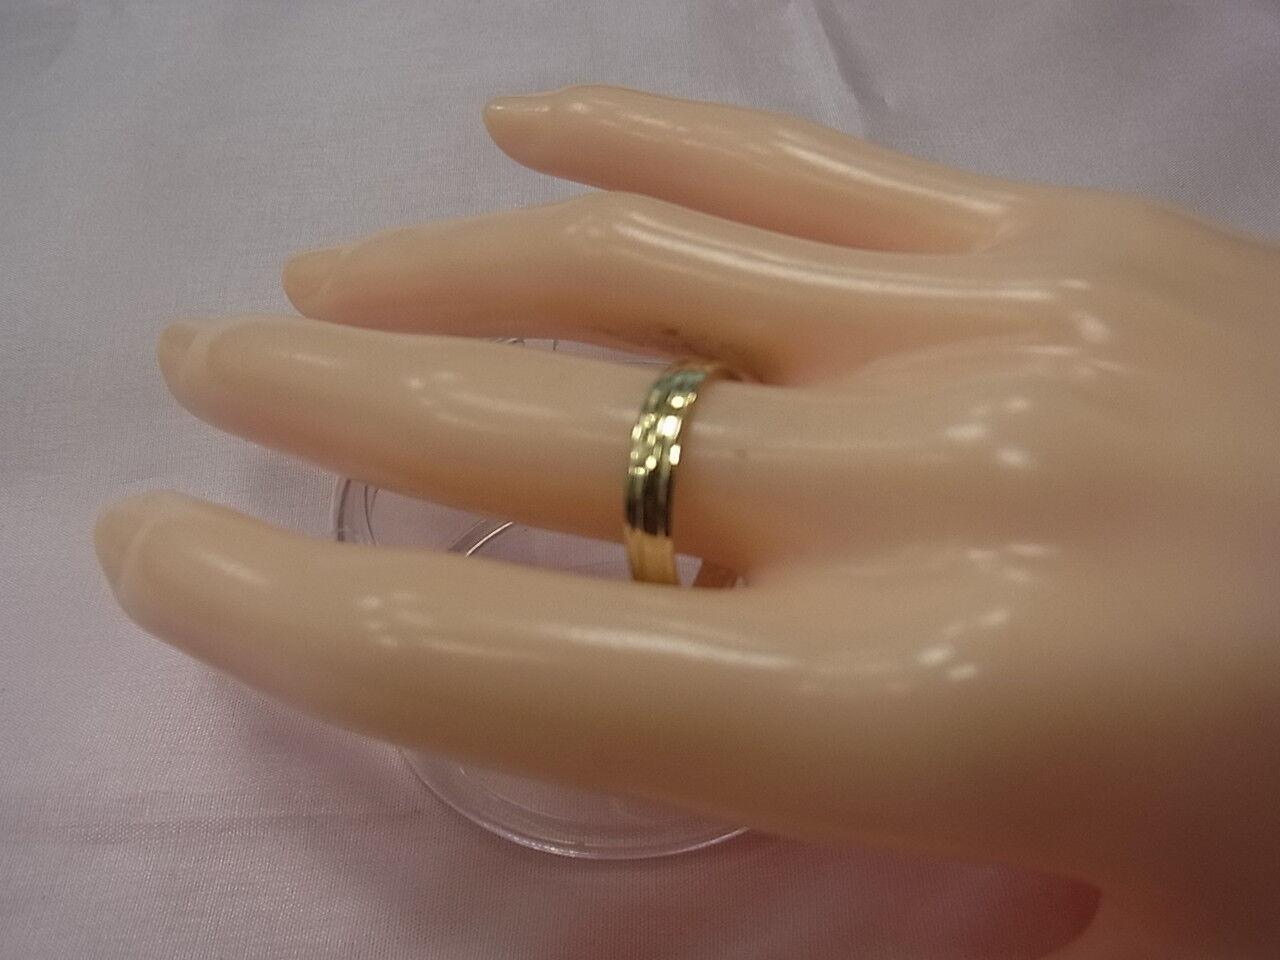 6565-583er redgold Ehering Ringgroße 58 Breit 1,96 mm Stark 1,19 mm Gew 1,3 Gra